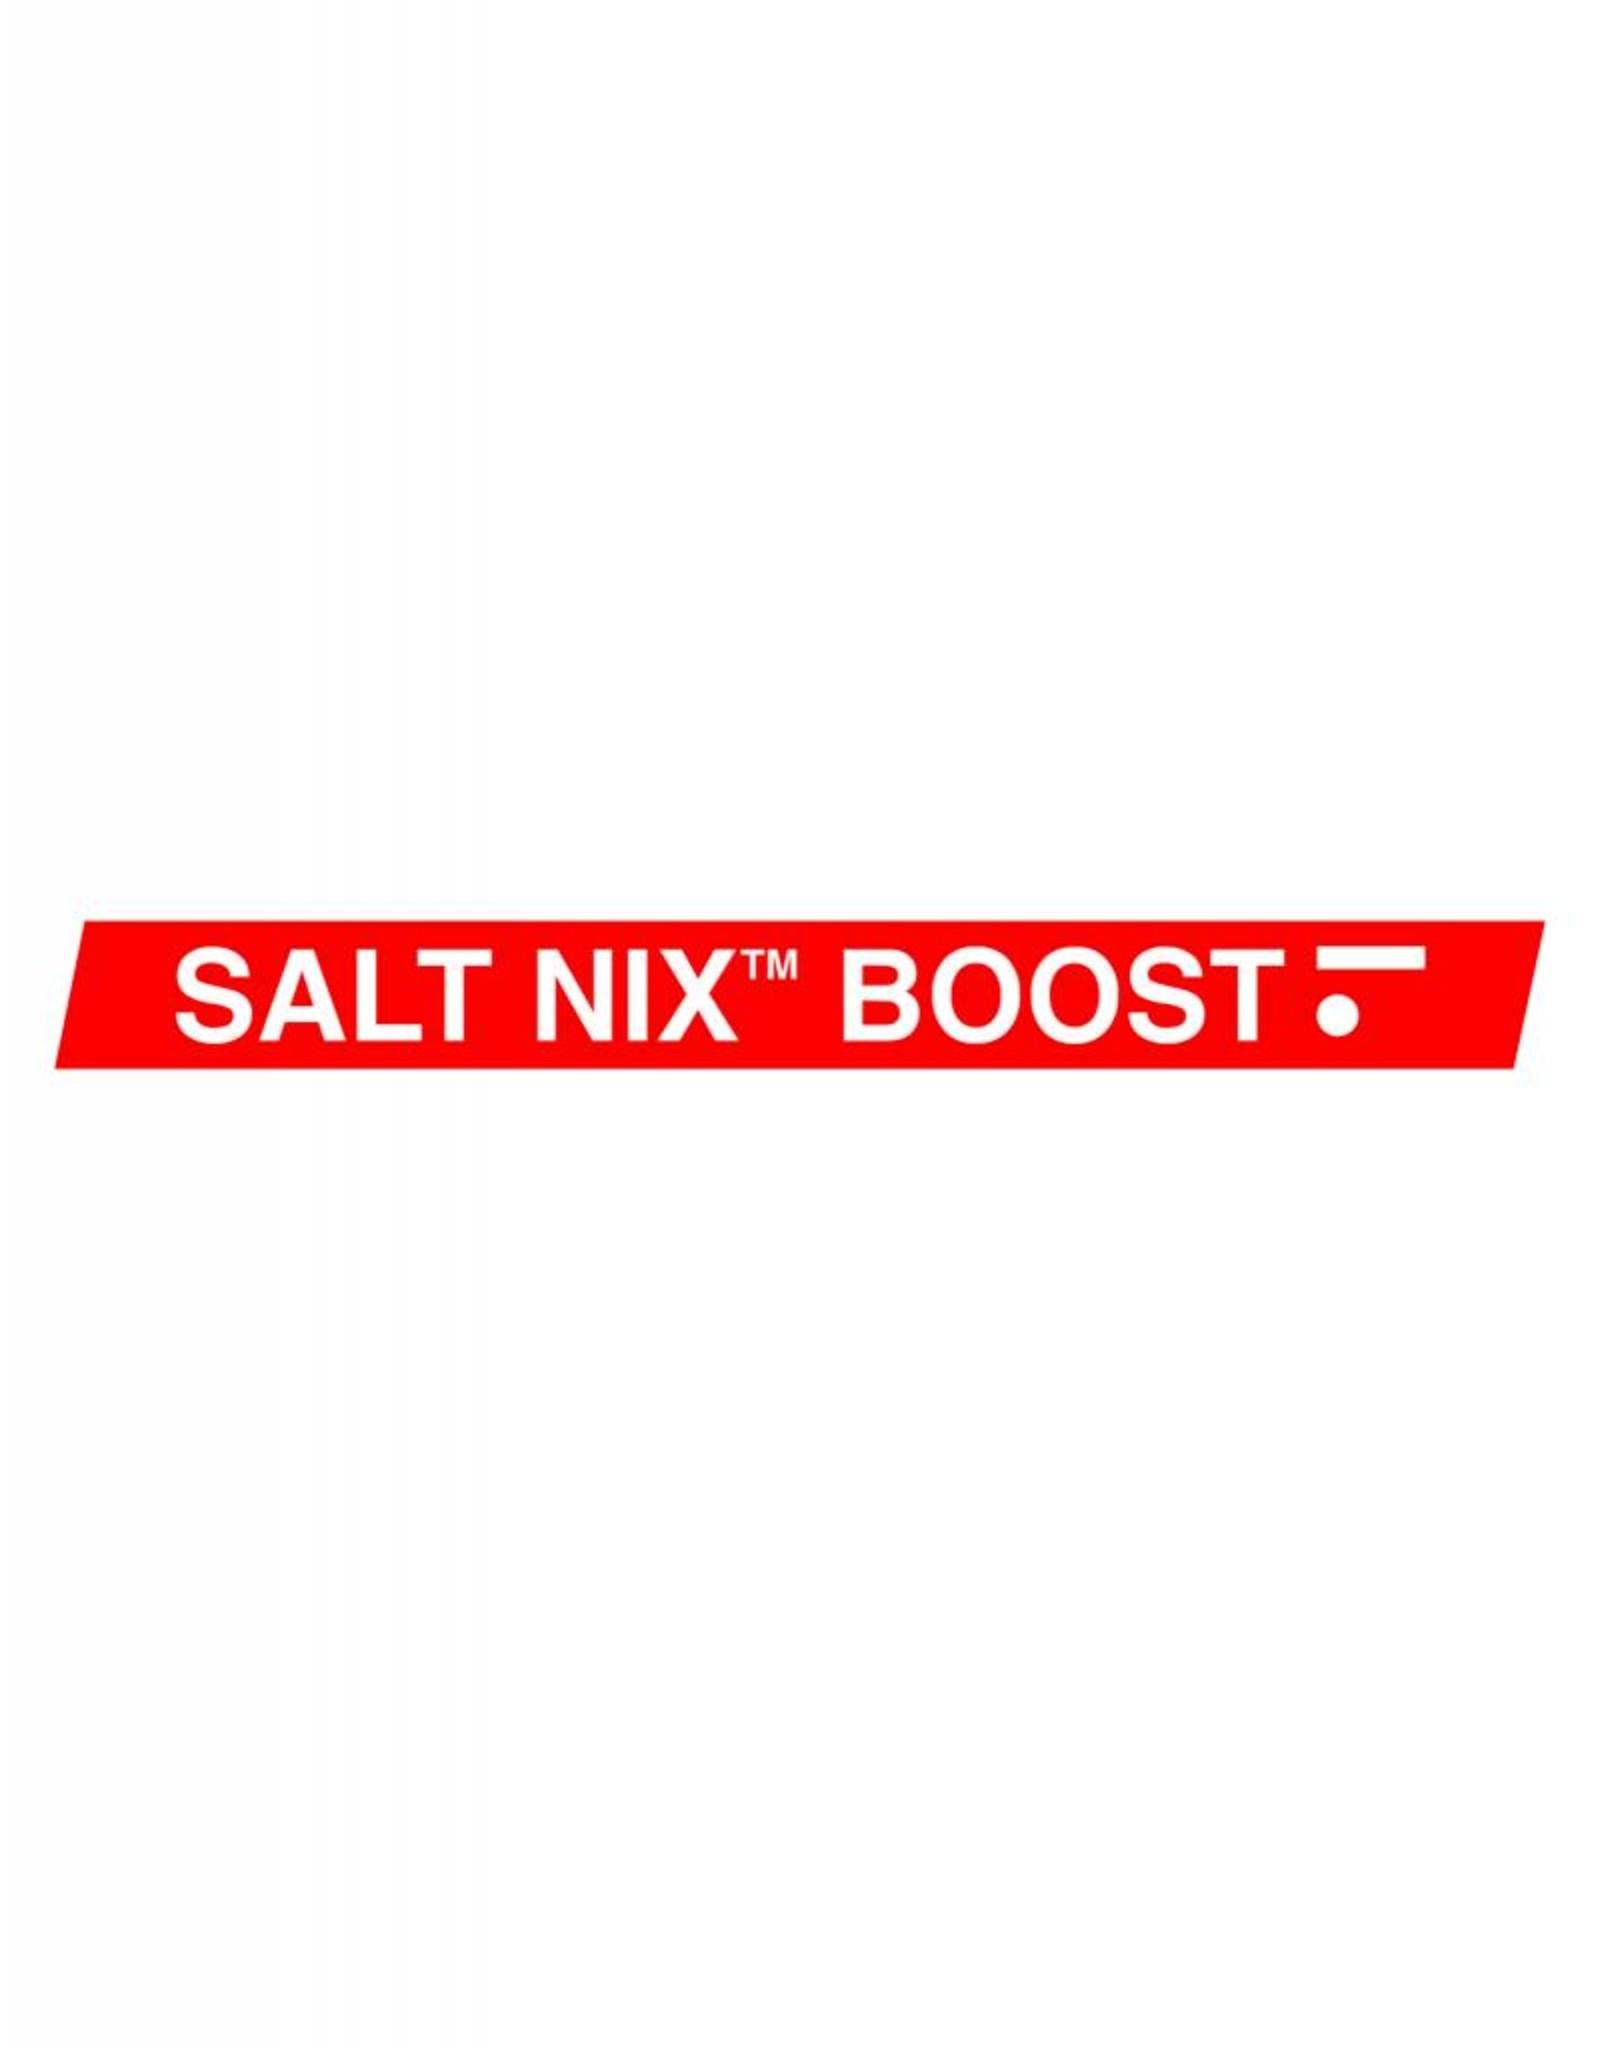 Salt NIX Boost